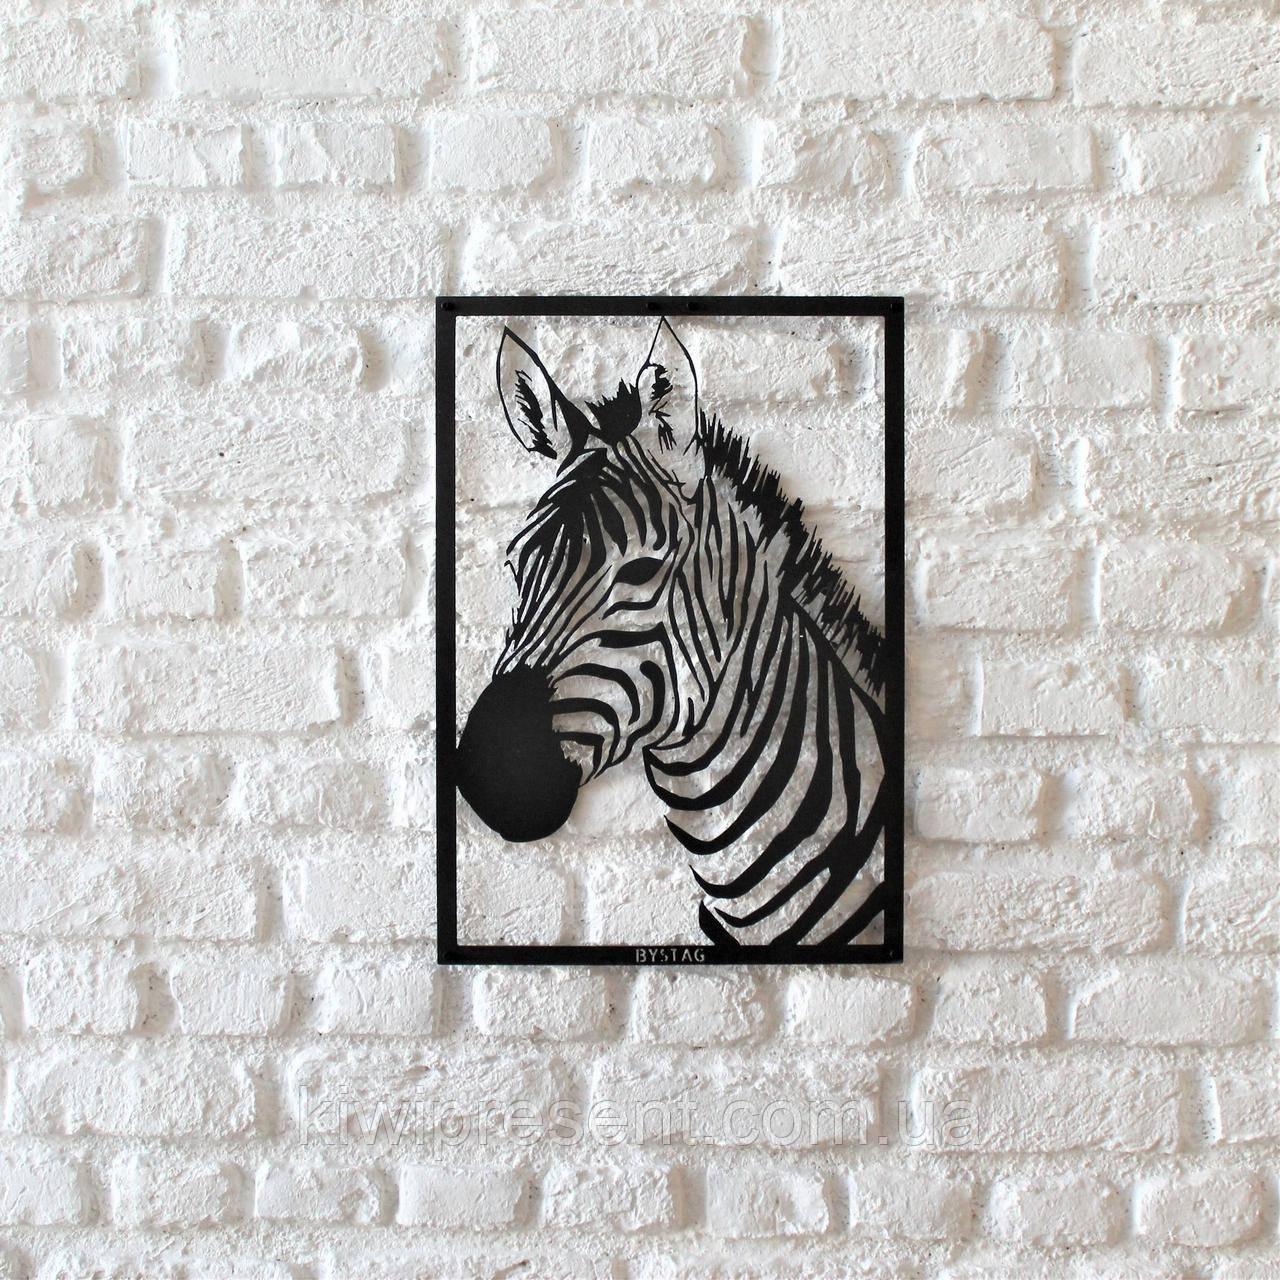 """Картина из металла """"Зебра"""" (черный мат). Панно на стену. Декоративное панно."""